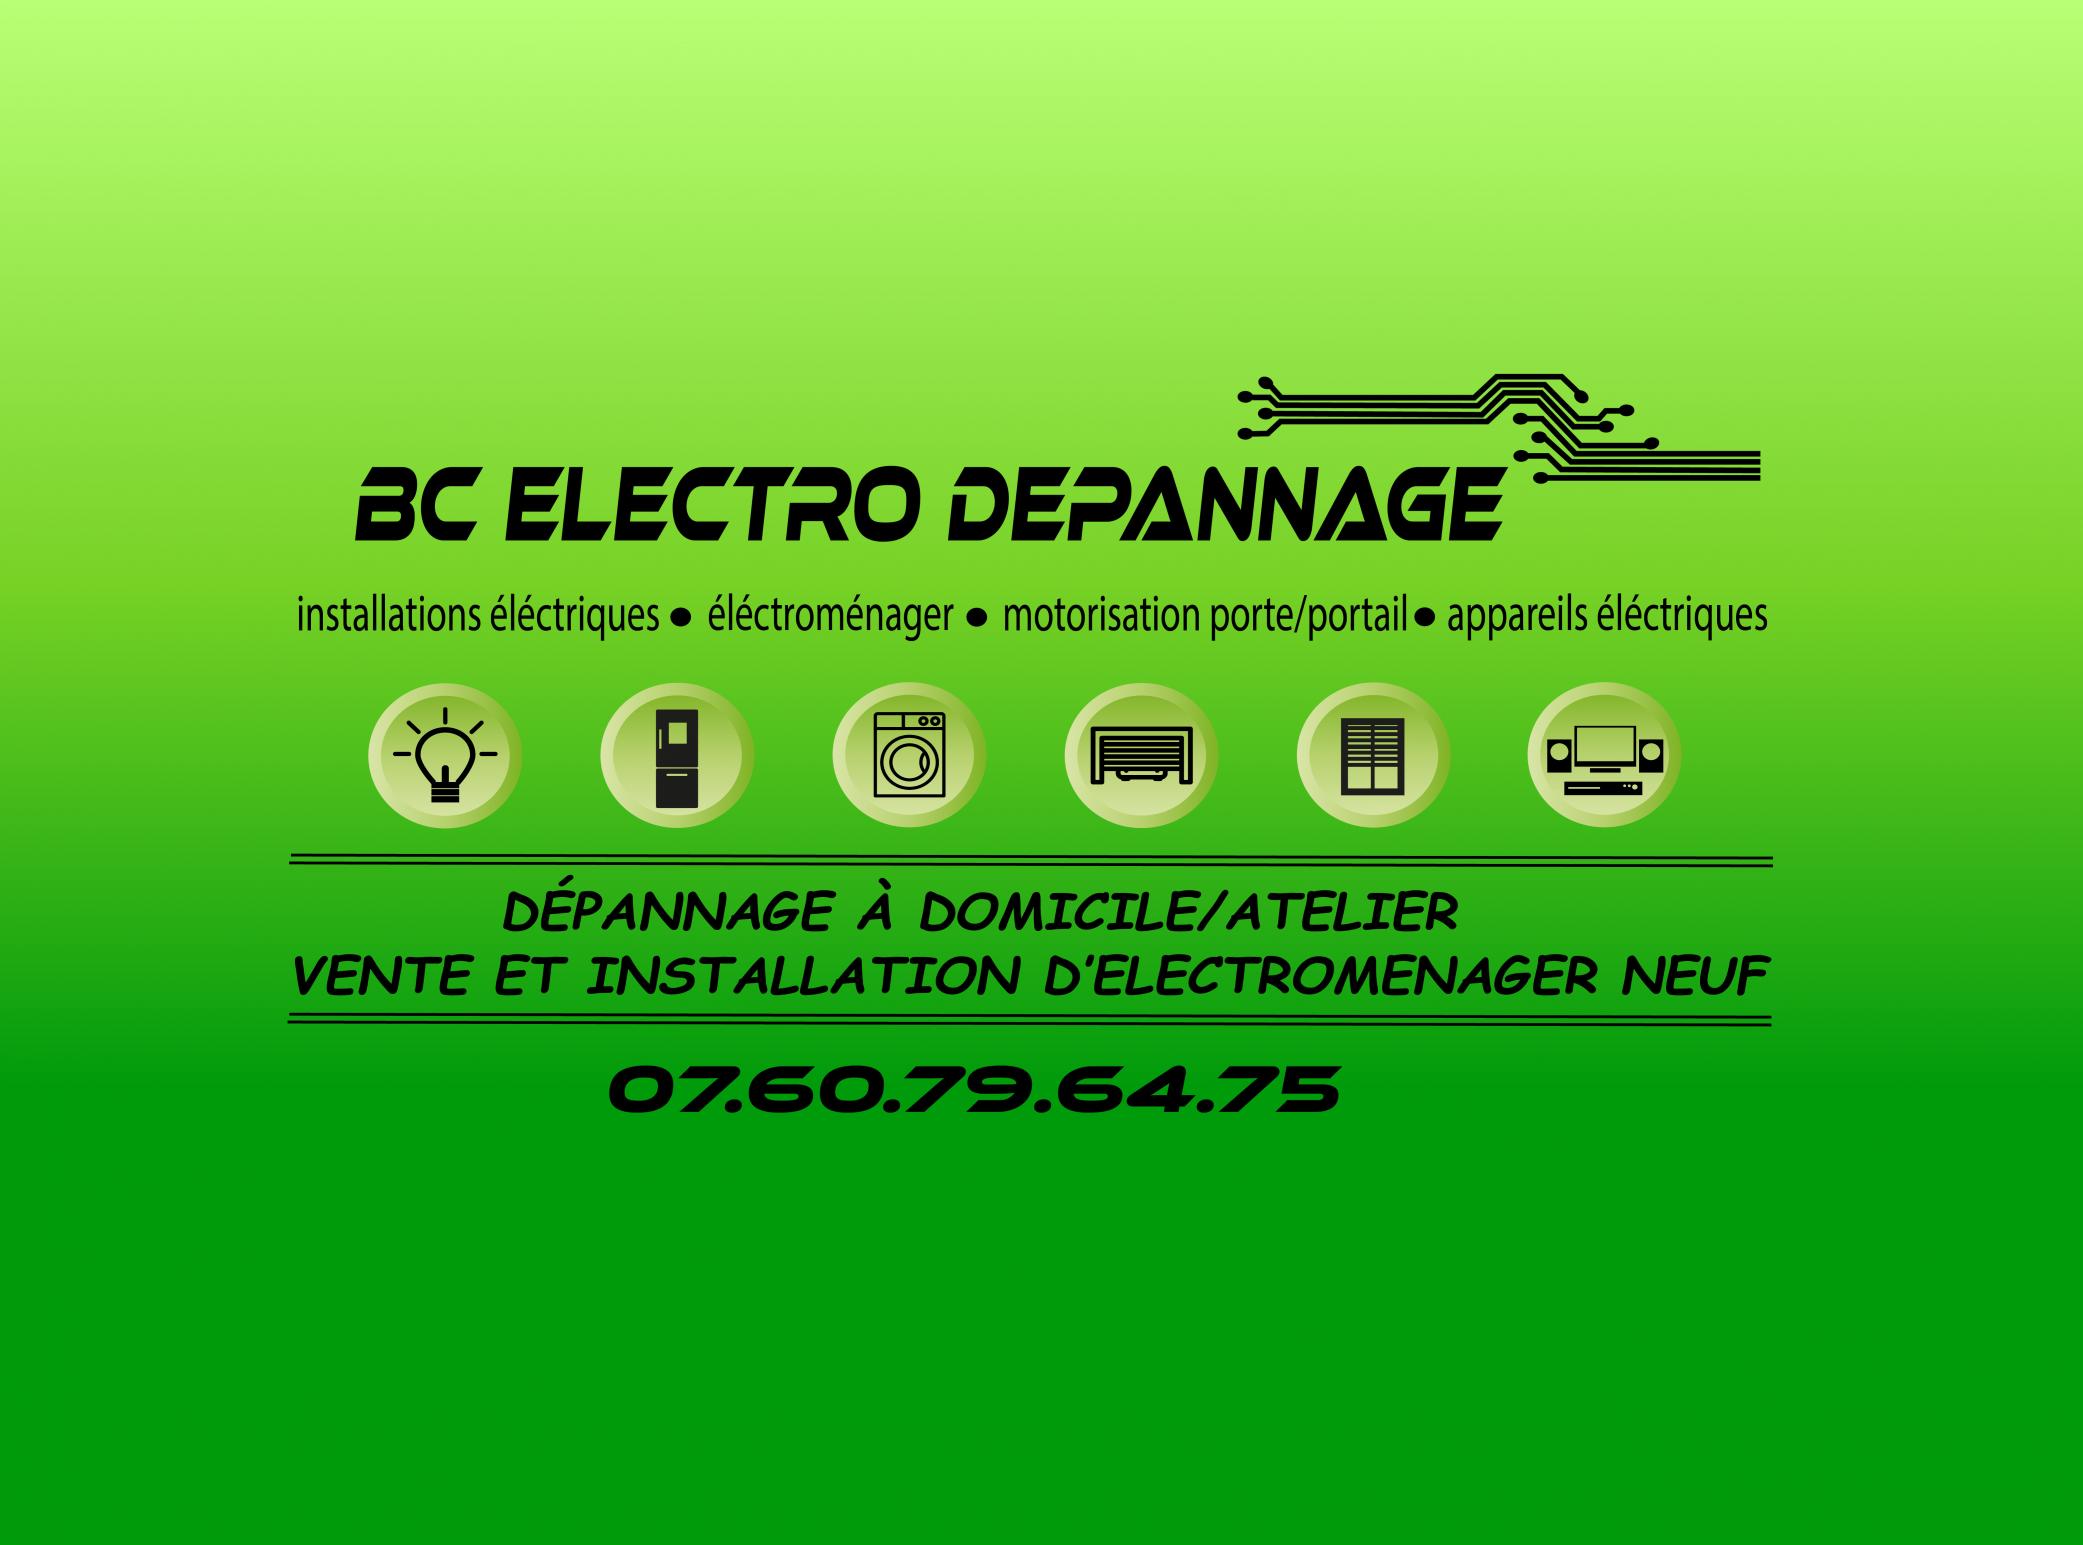 Logo BC ELECTRO DEPANNAGE installation de système de chauffage électrique Gard 30